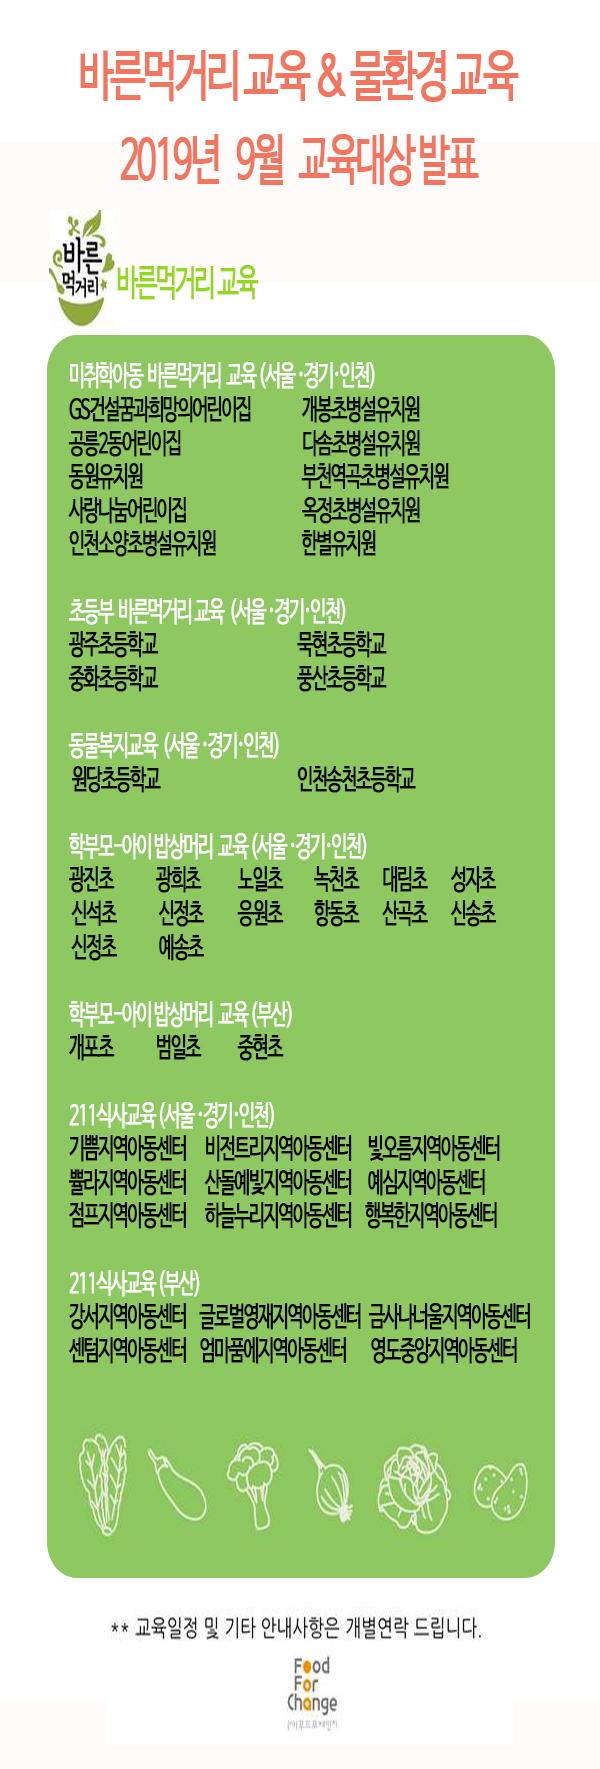 2019년 9월 교육지선정 -1.jpg